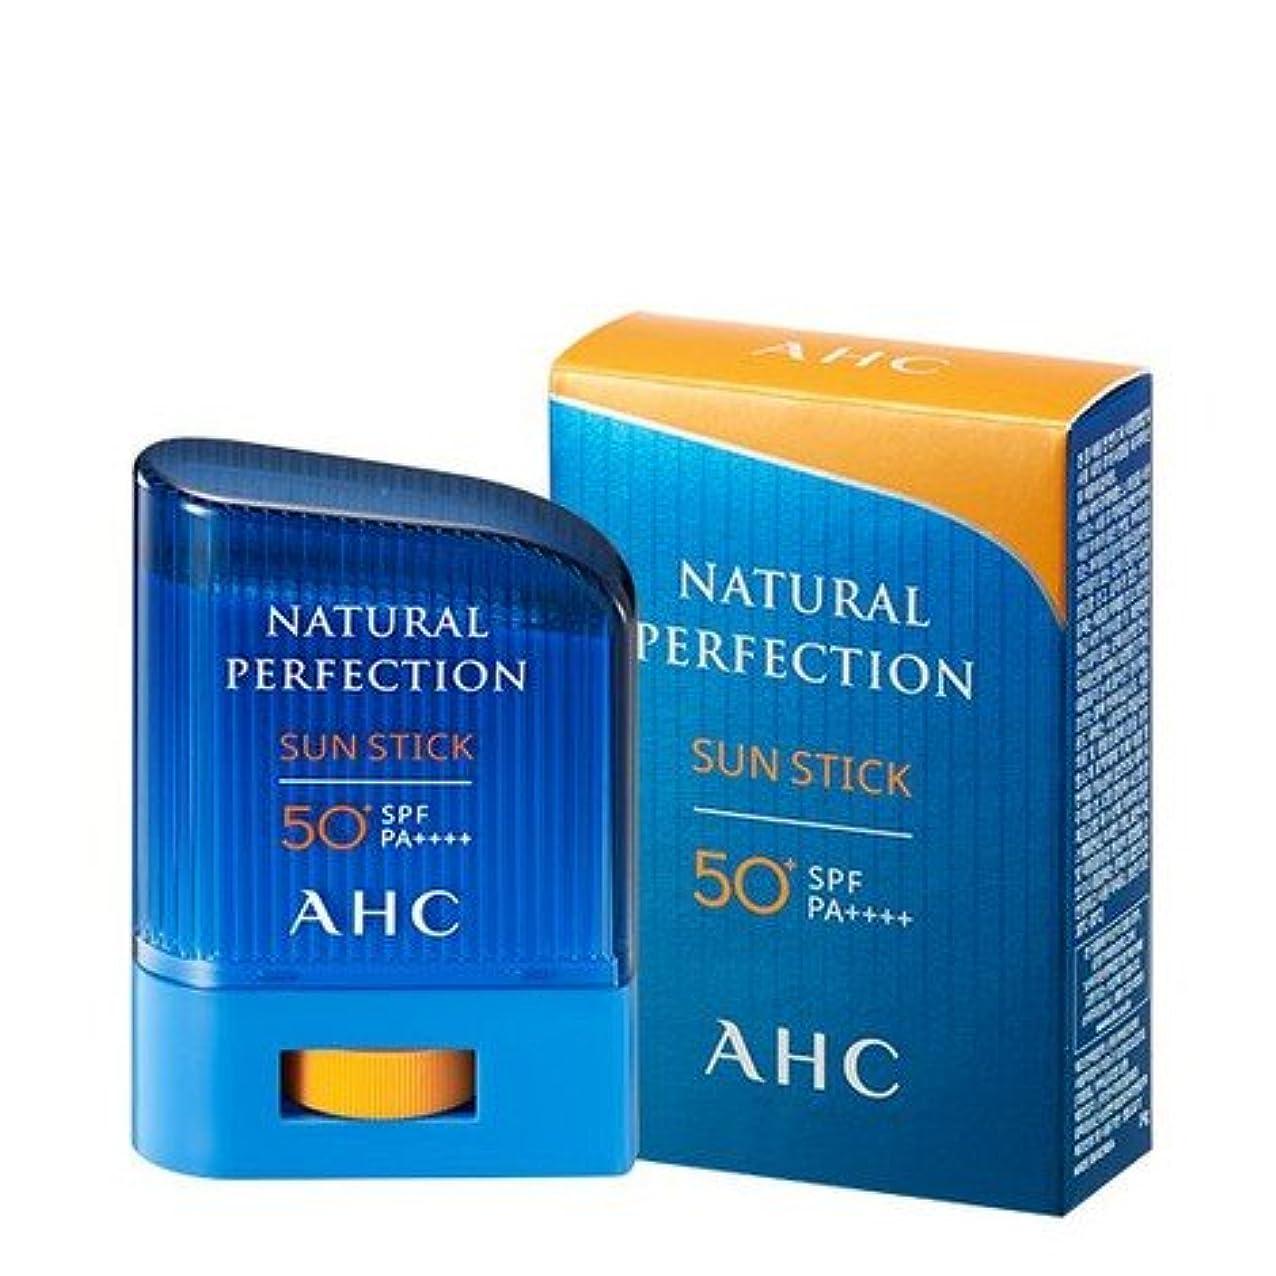 固有のブリークストロー[Renewal 最新] AHCナチュラルパーフェクション線スティック / AHC NATURAL PERFECTION SUN STICK [SPF 50+ / PA ++++] [並行輸入品] (14g)